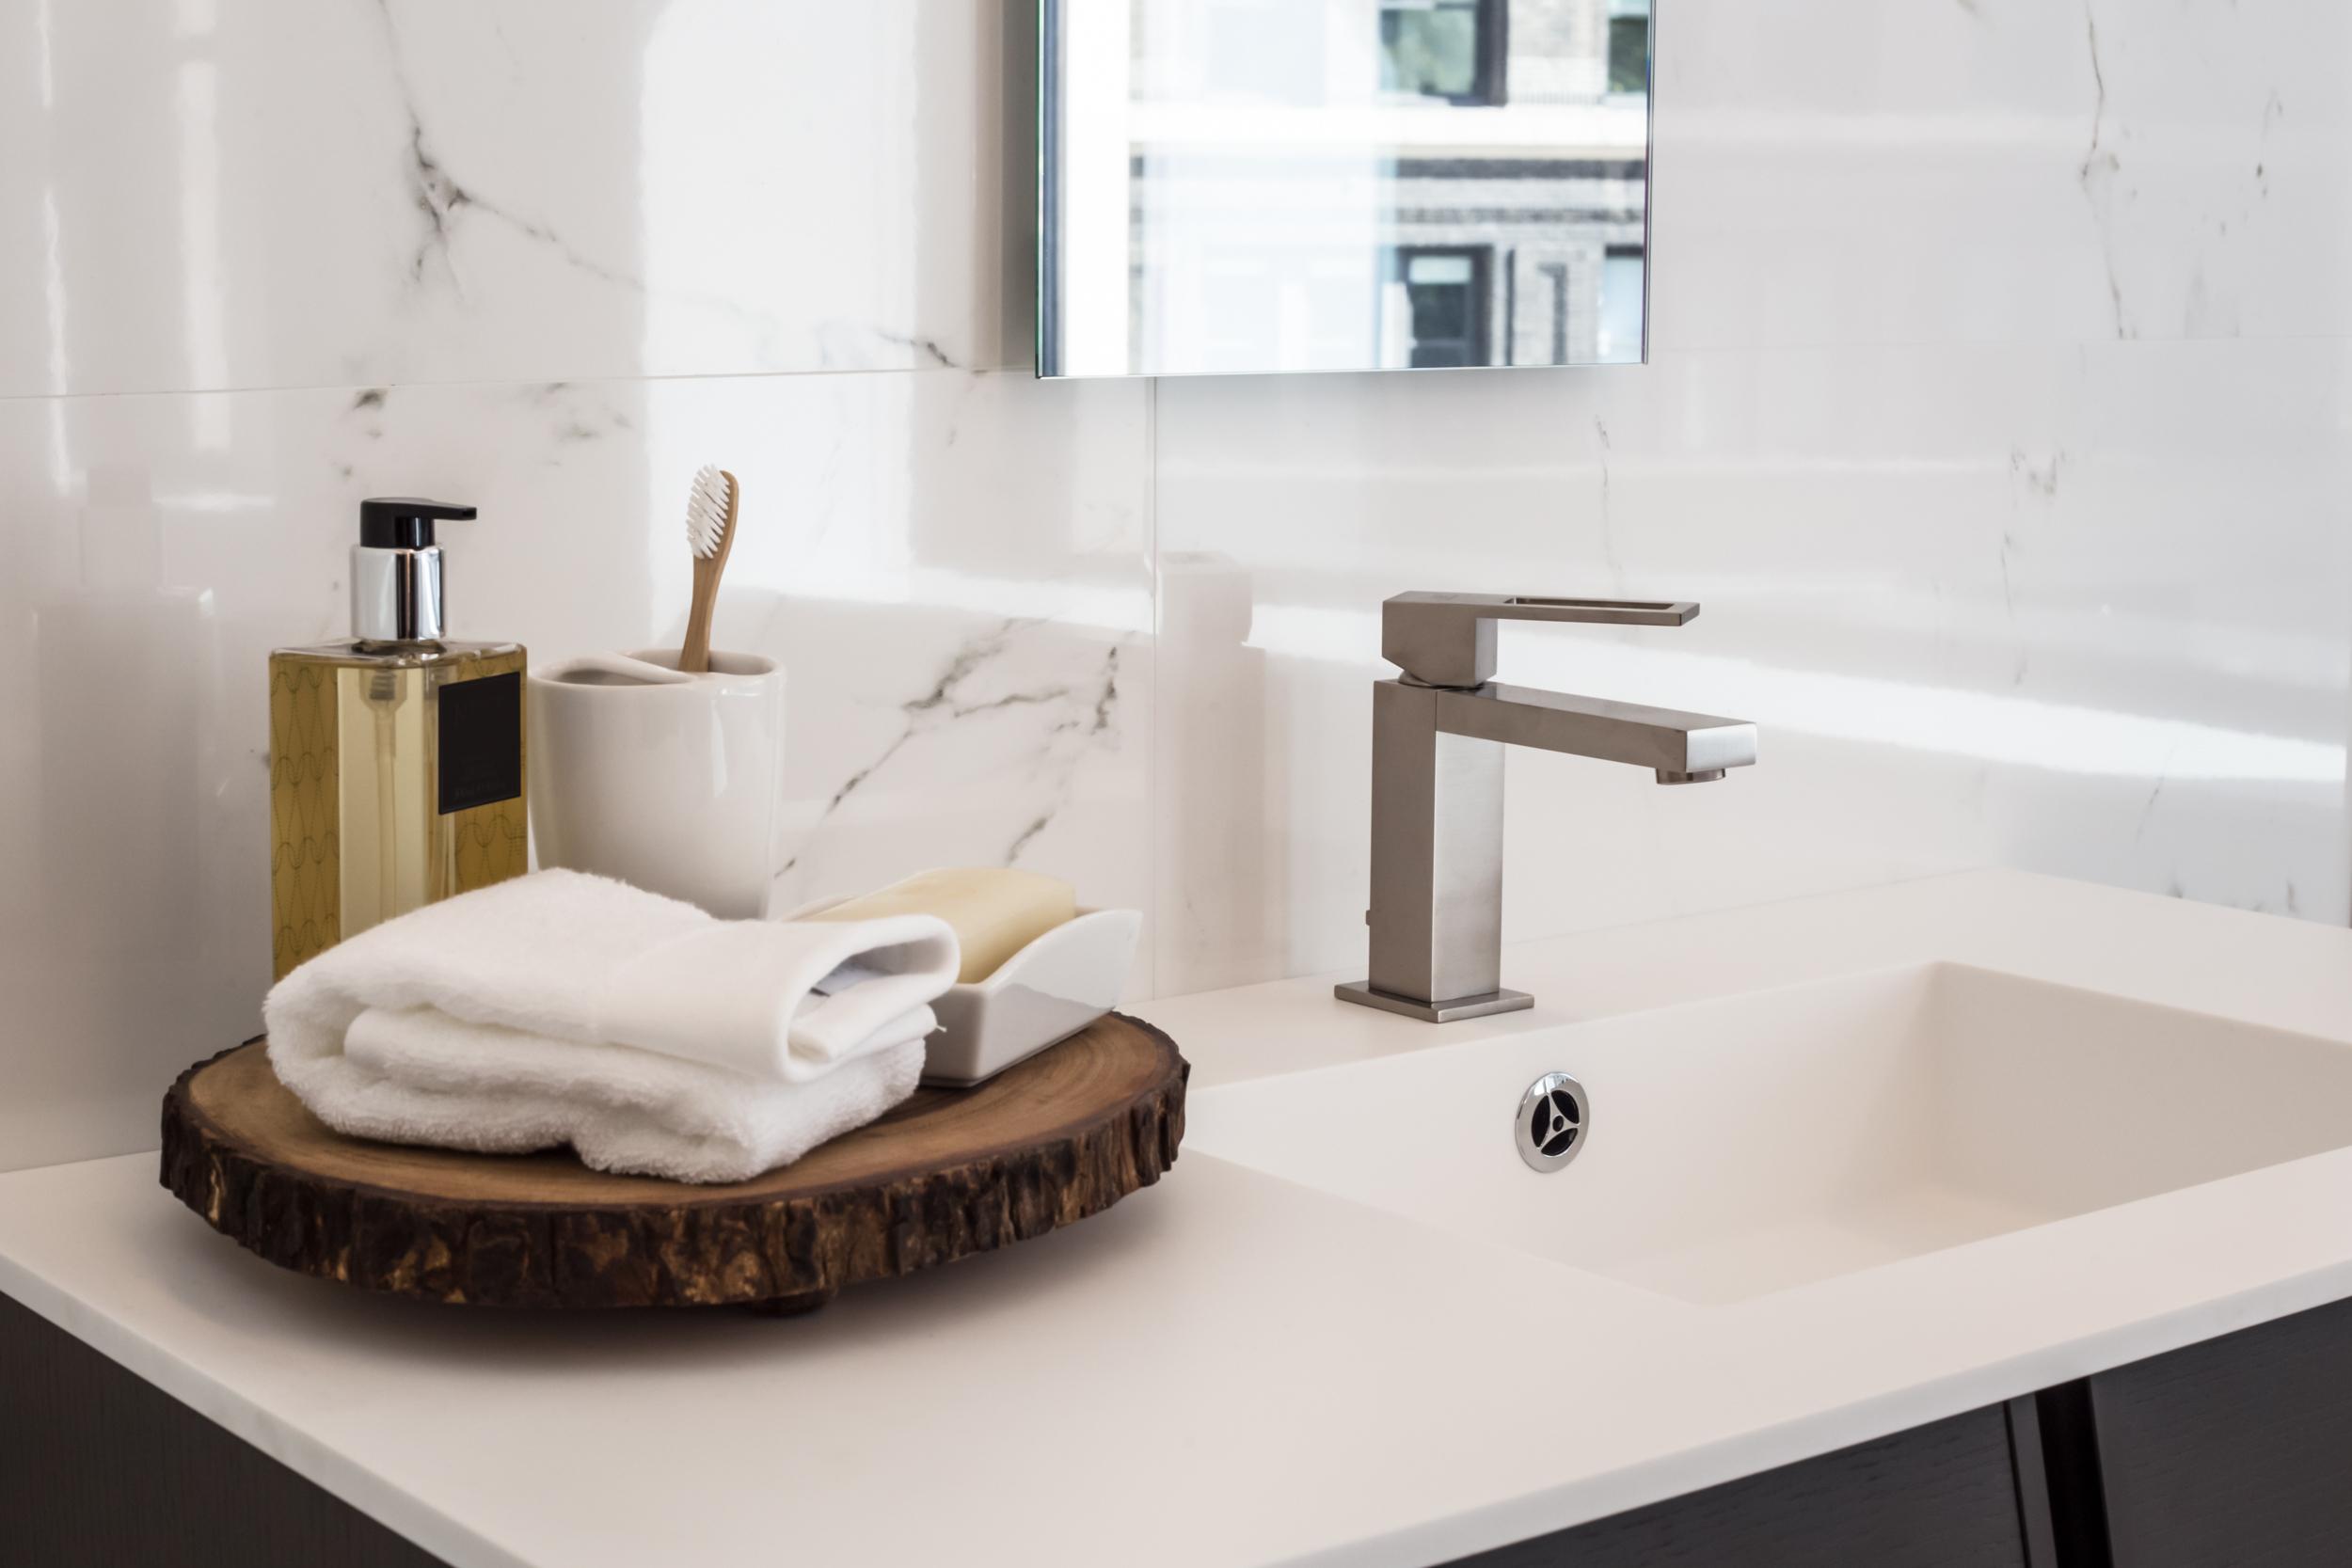 Nuove idee e consigli per progettare e arredare un bagno piccolo